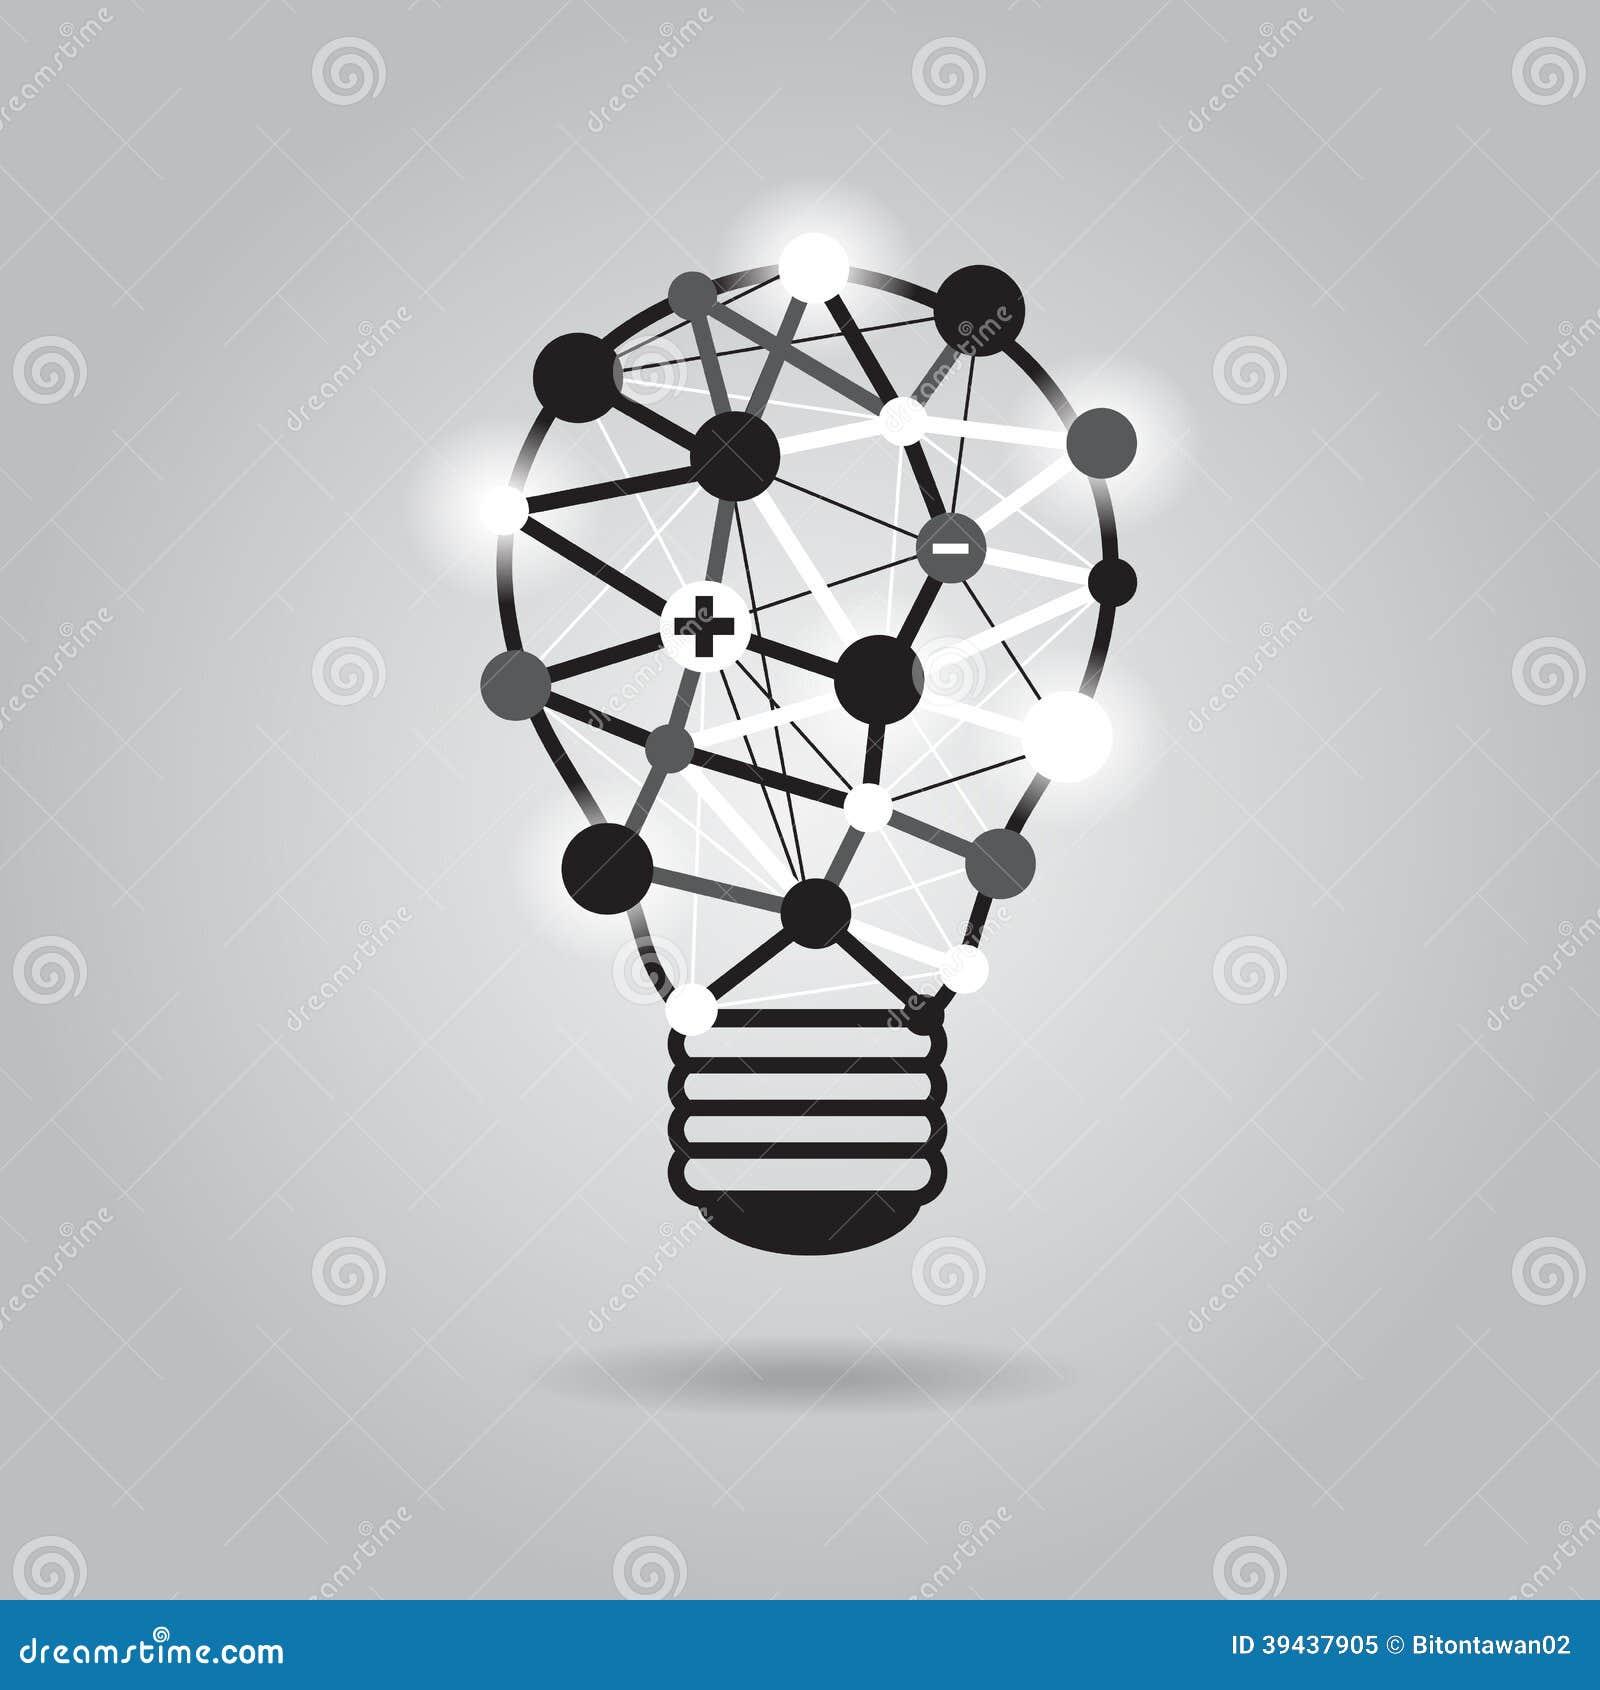 Ideas concept lighting  sc 1 st  Dreamstime.com & Ideas concept lighting stock illustration. Image of imagination ... azcodes.com